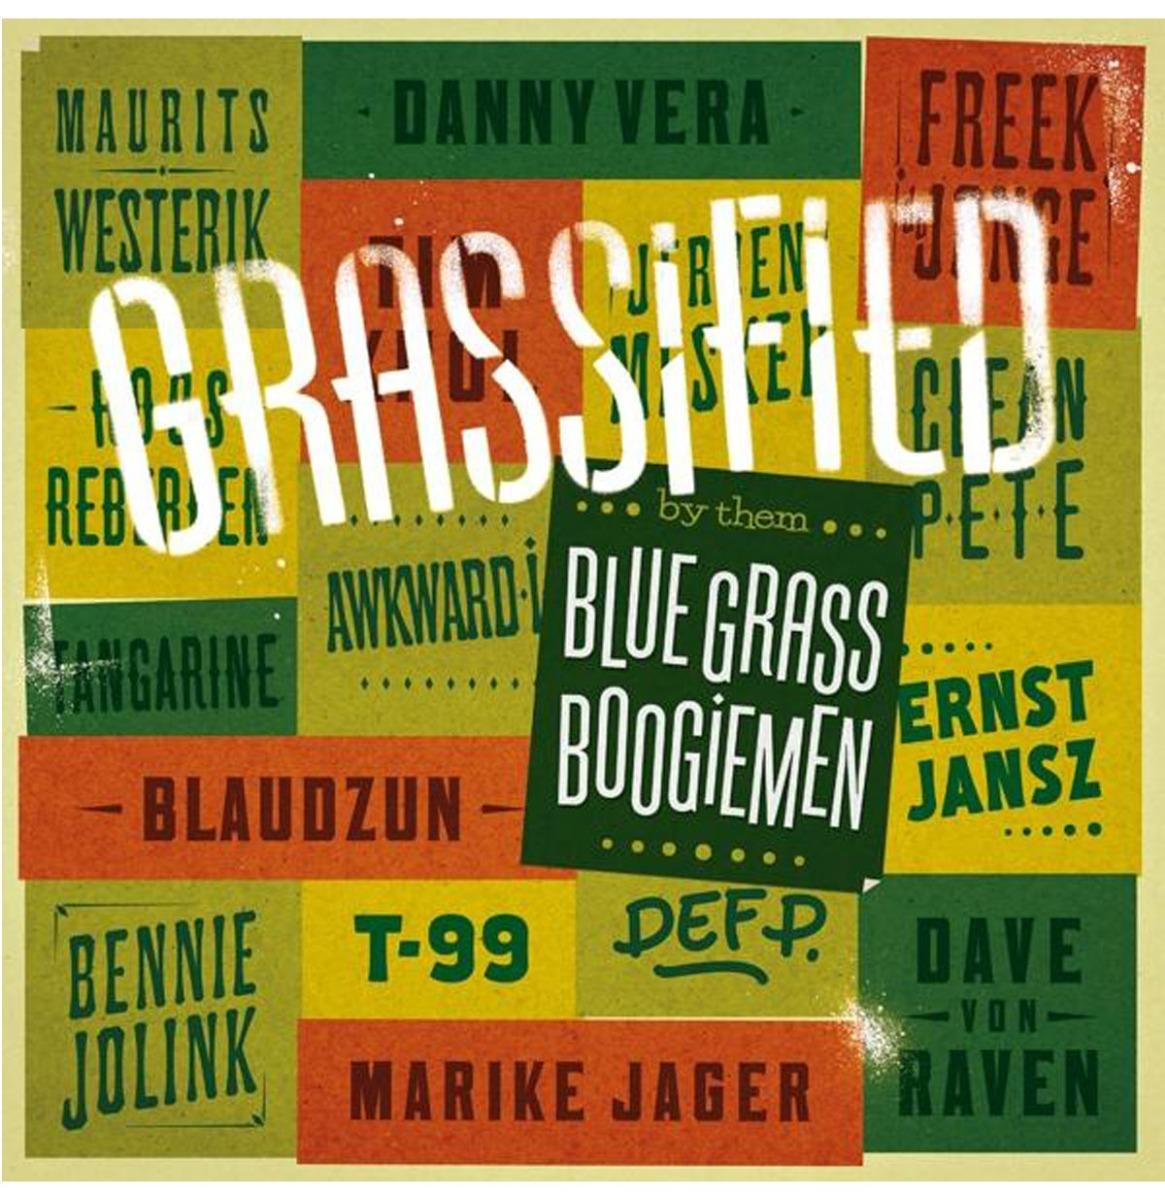 Blue Grass Boogiemen - Grassified LP